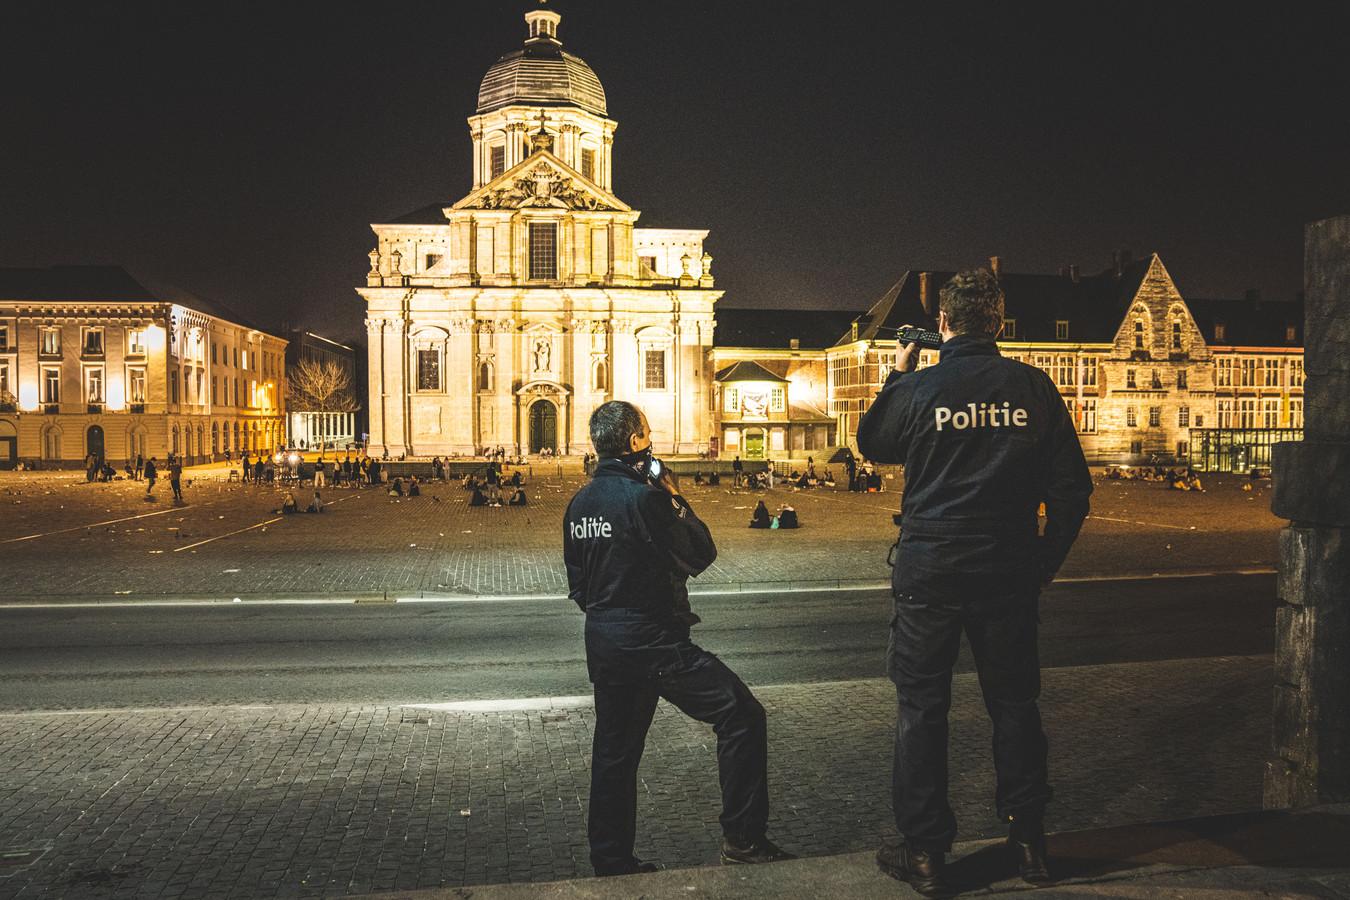 De politie sloot vanavond het Sint-Pietersplein af, nadat studenten het te bont maakten